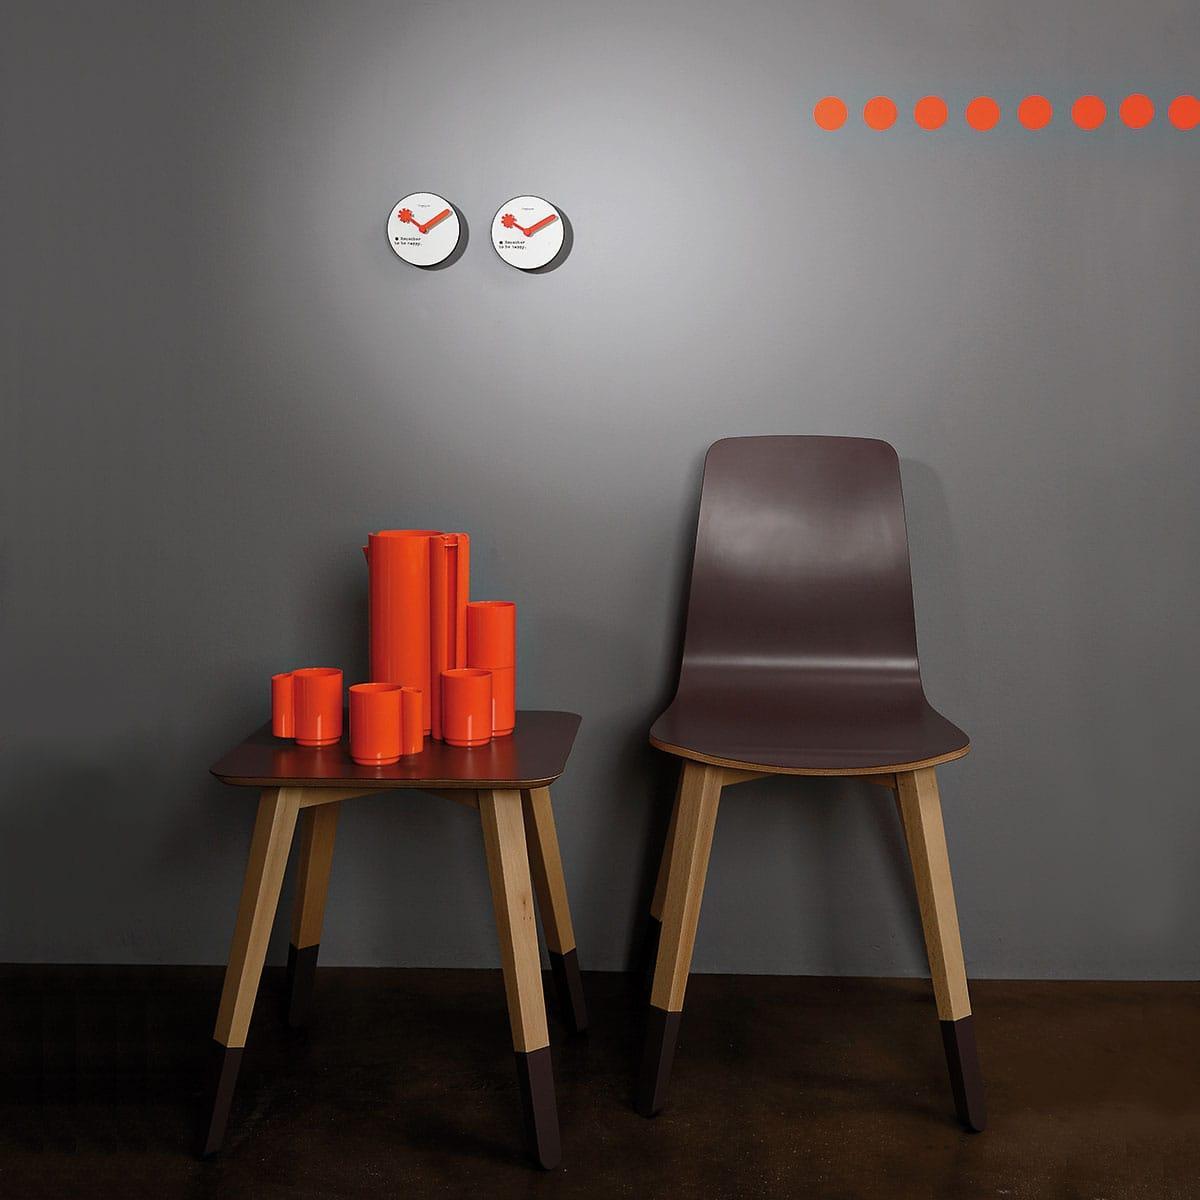 Orologio da parete circolare bianco con lancette rosse e testo Remember to be happy